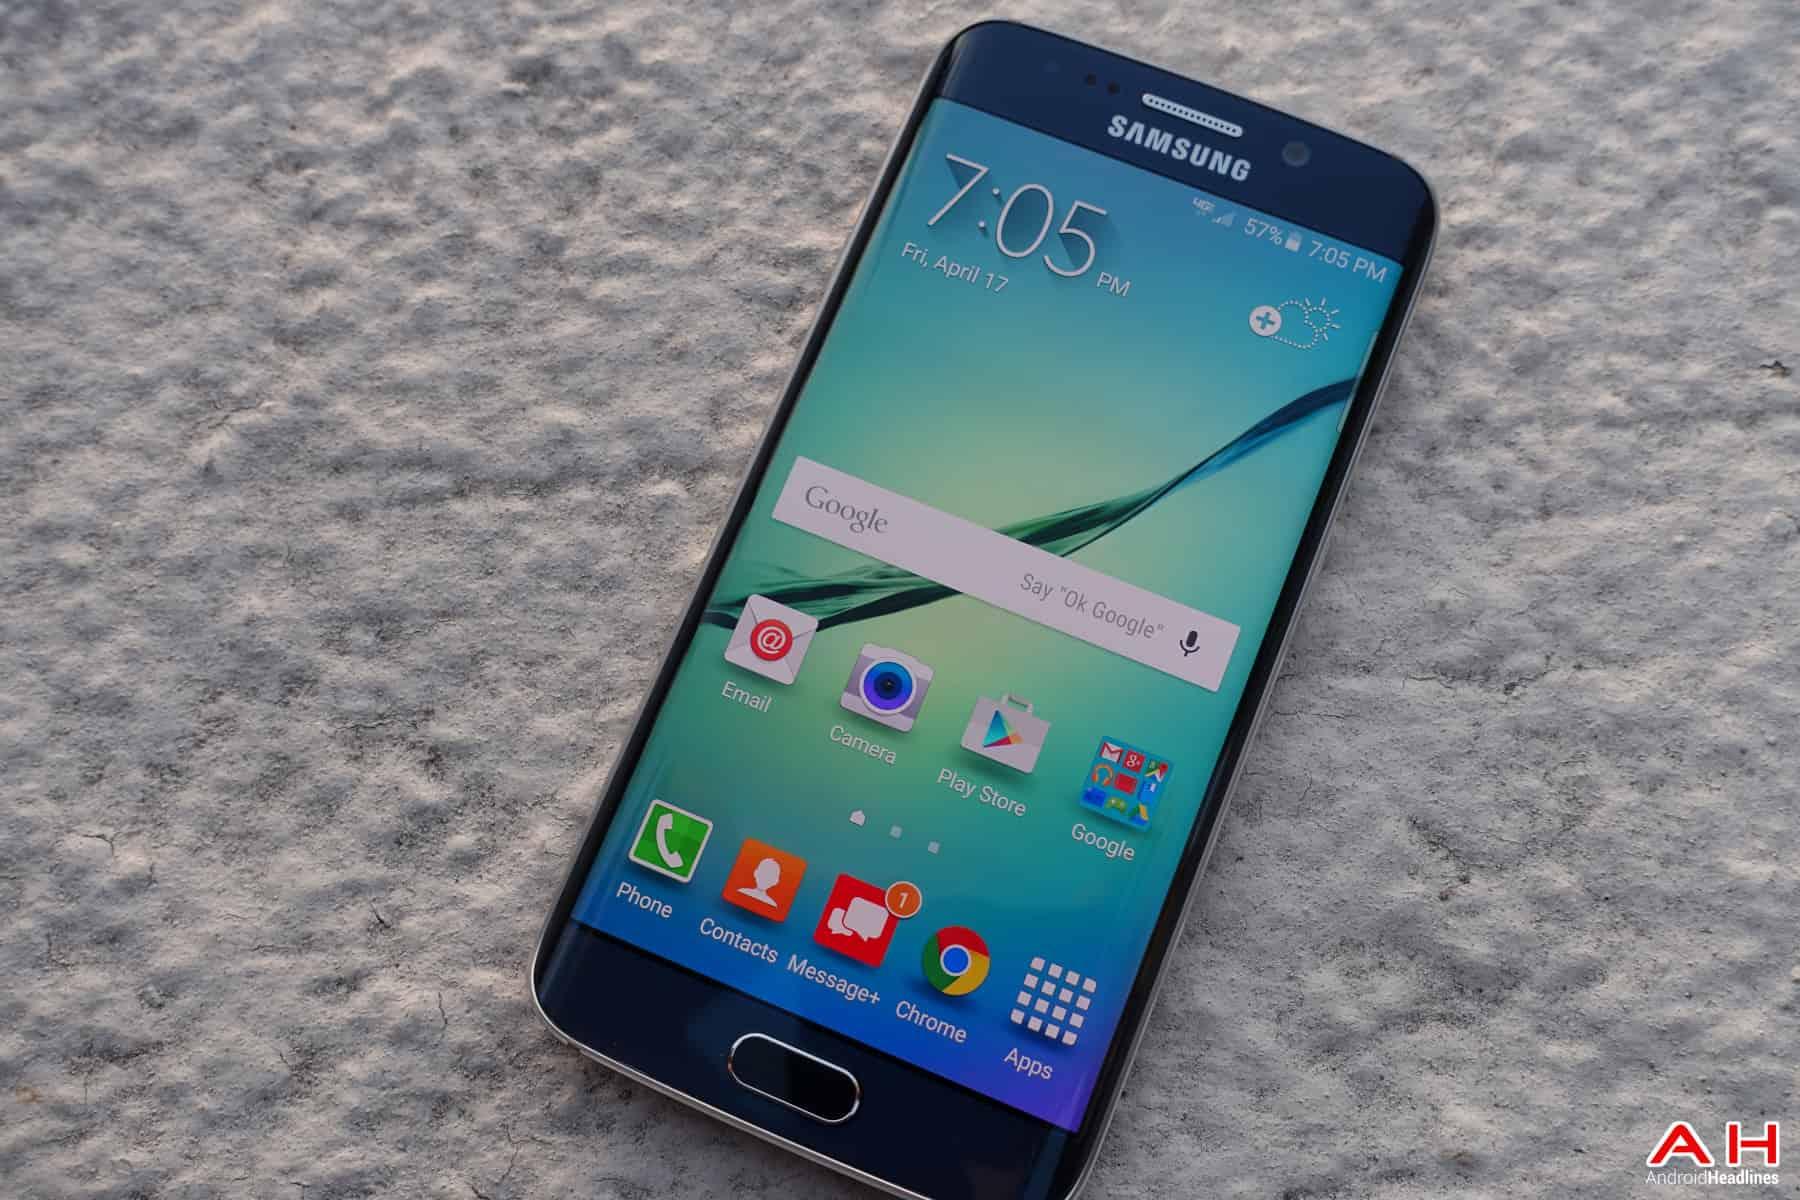 AH Samsung Galaxy S6 Edge Series 3 June 30th-9